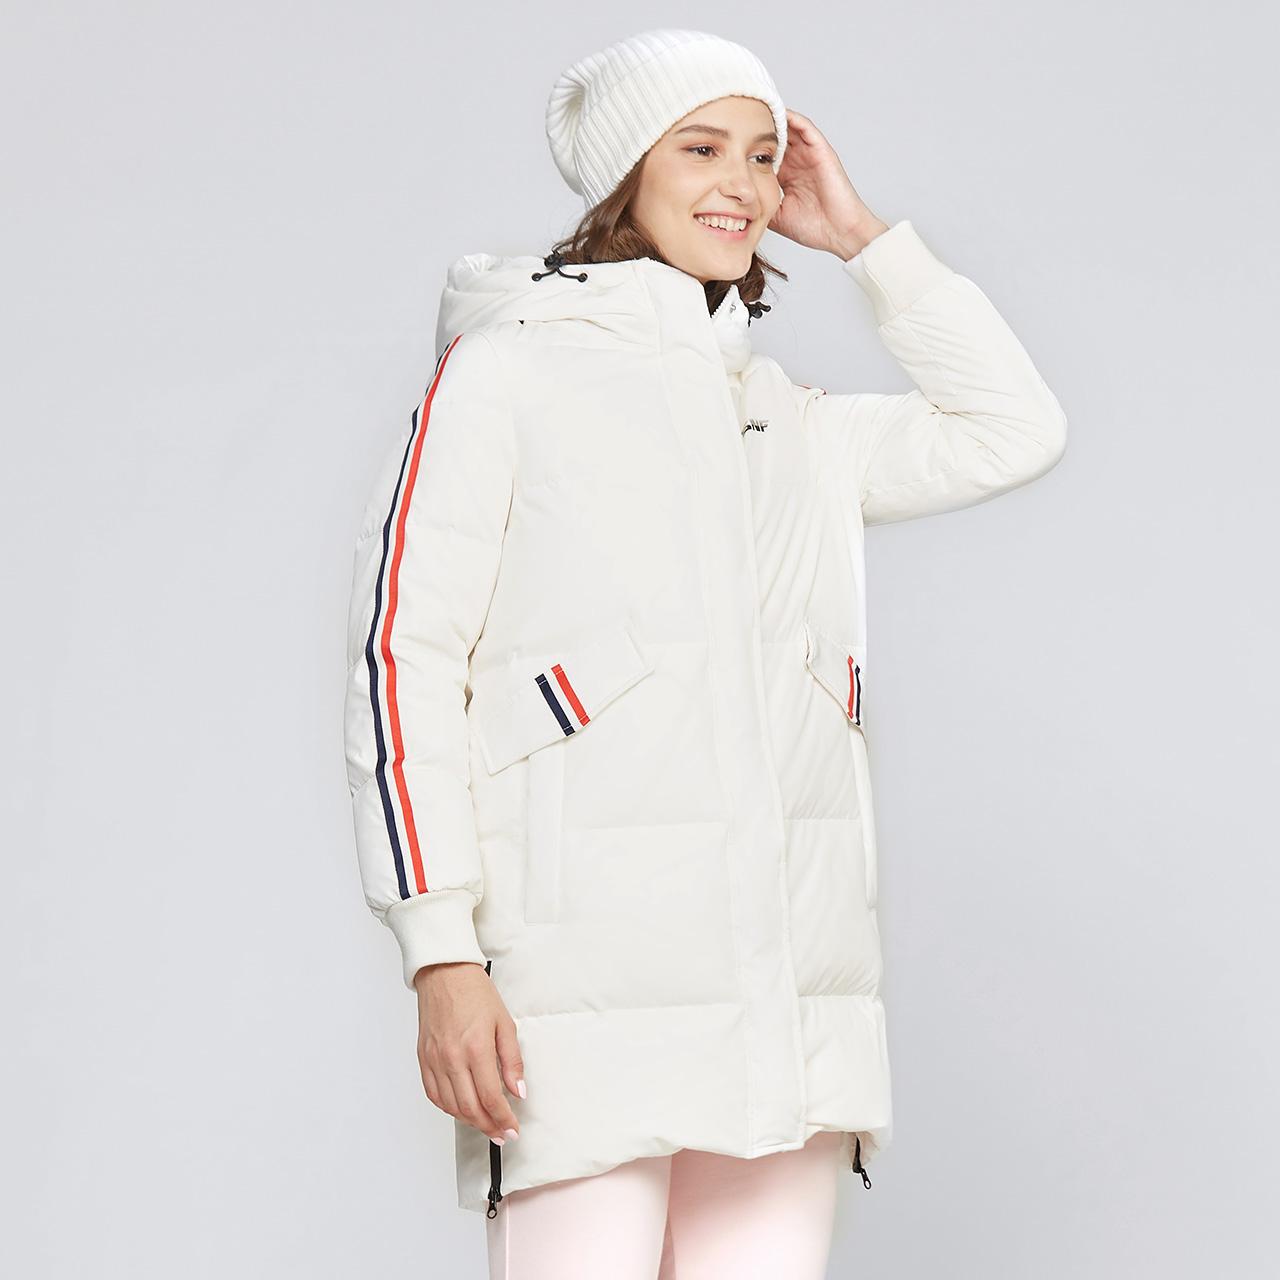 雪中飞 秋冬新品女士连帽修身中长款羽绒服运动大码保暖外套  2018